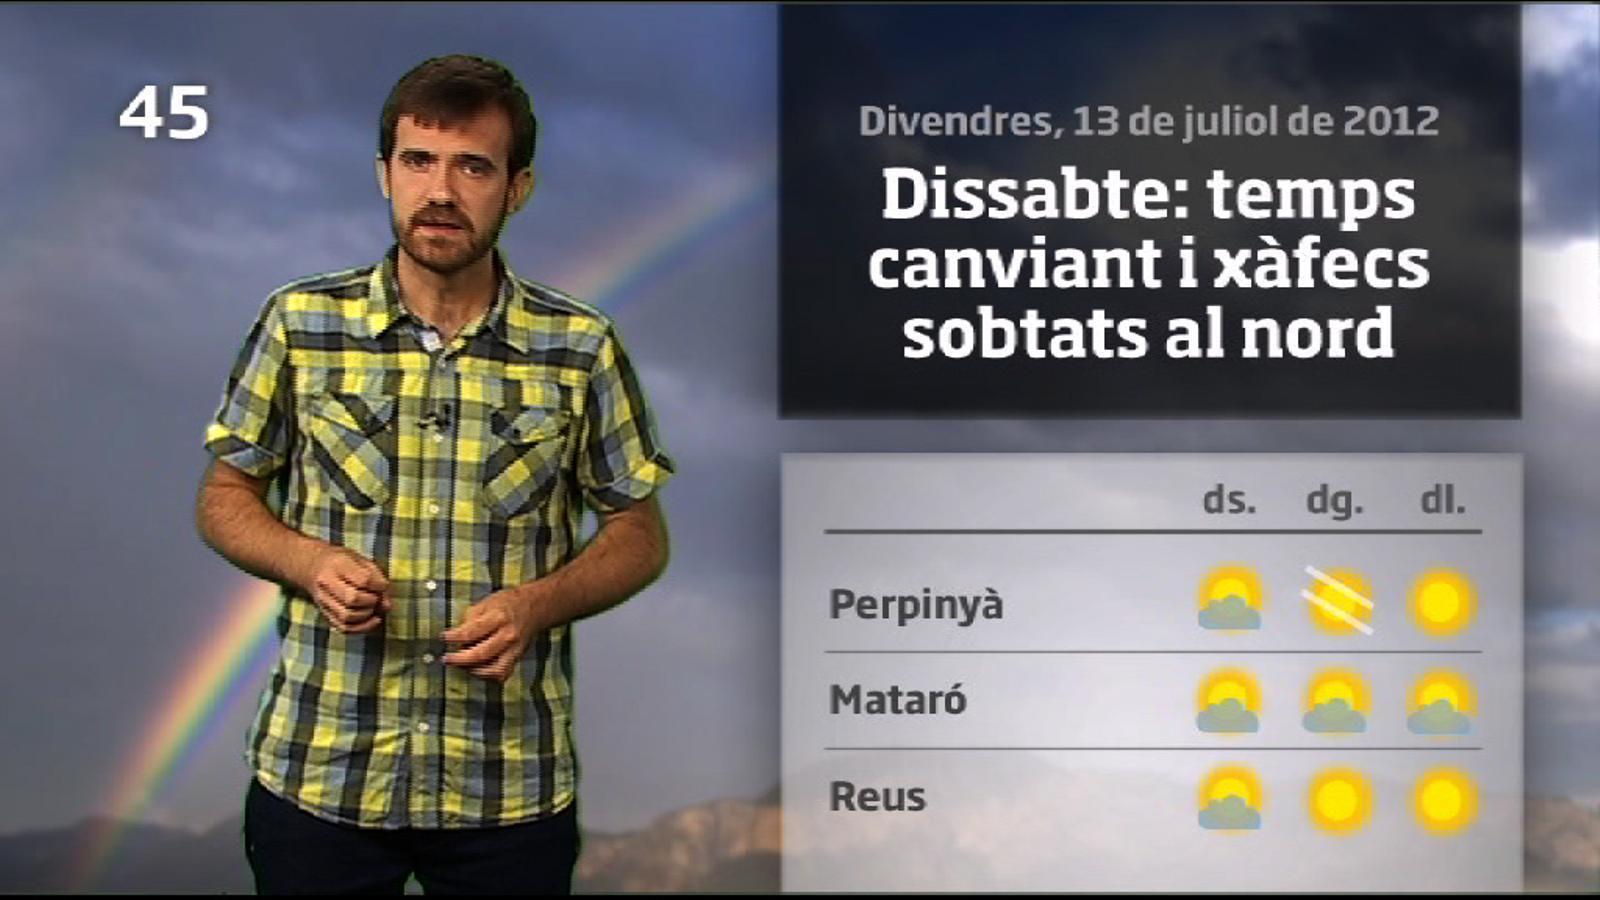 La méteo en 1 minut: dissabte amb xàfecs sobtats i refrescada (14/07/2012)